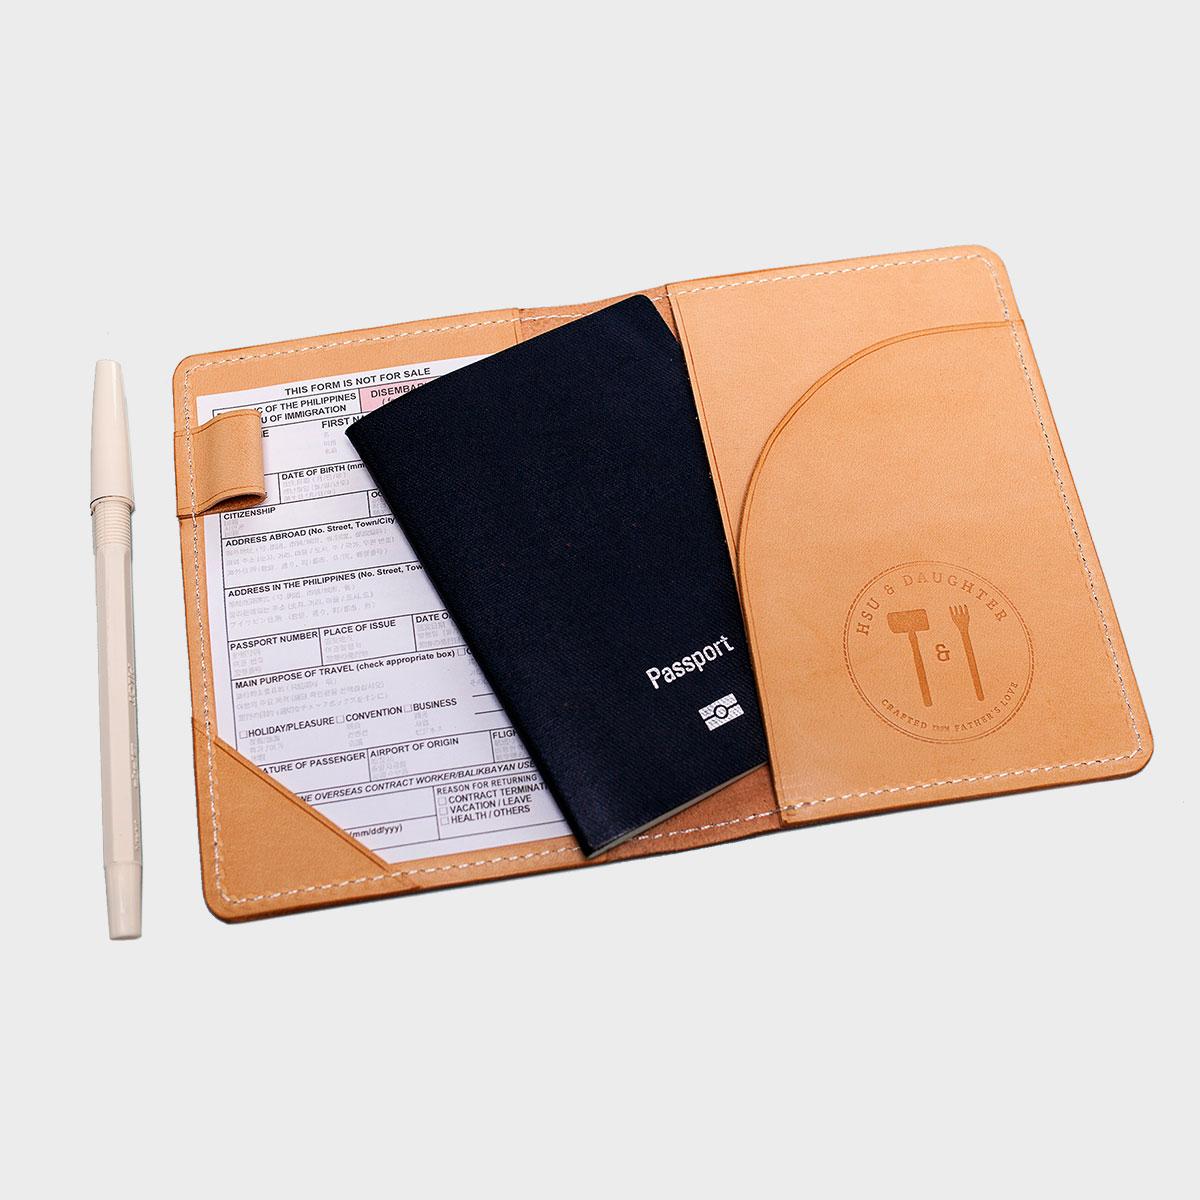 極簡護照夾 Passport Holder NT$ 2,200  HDB2008